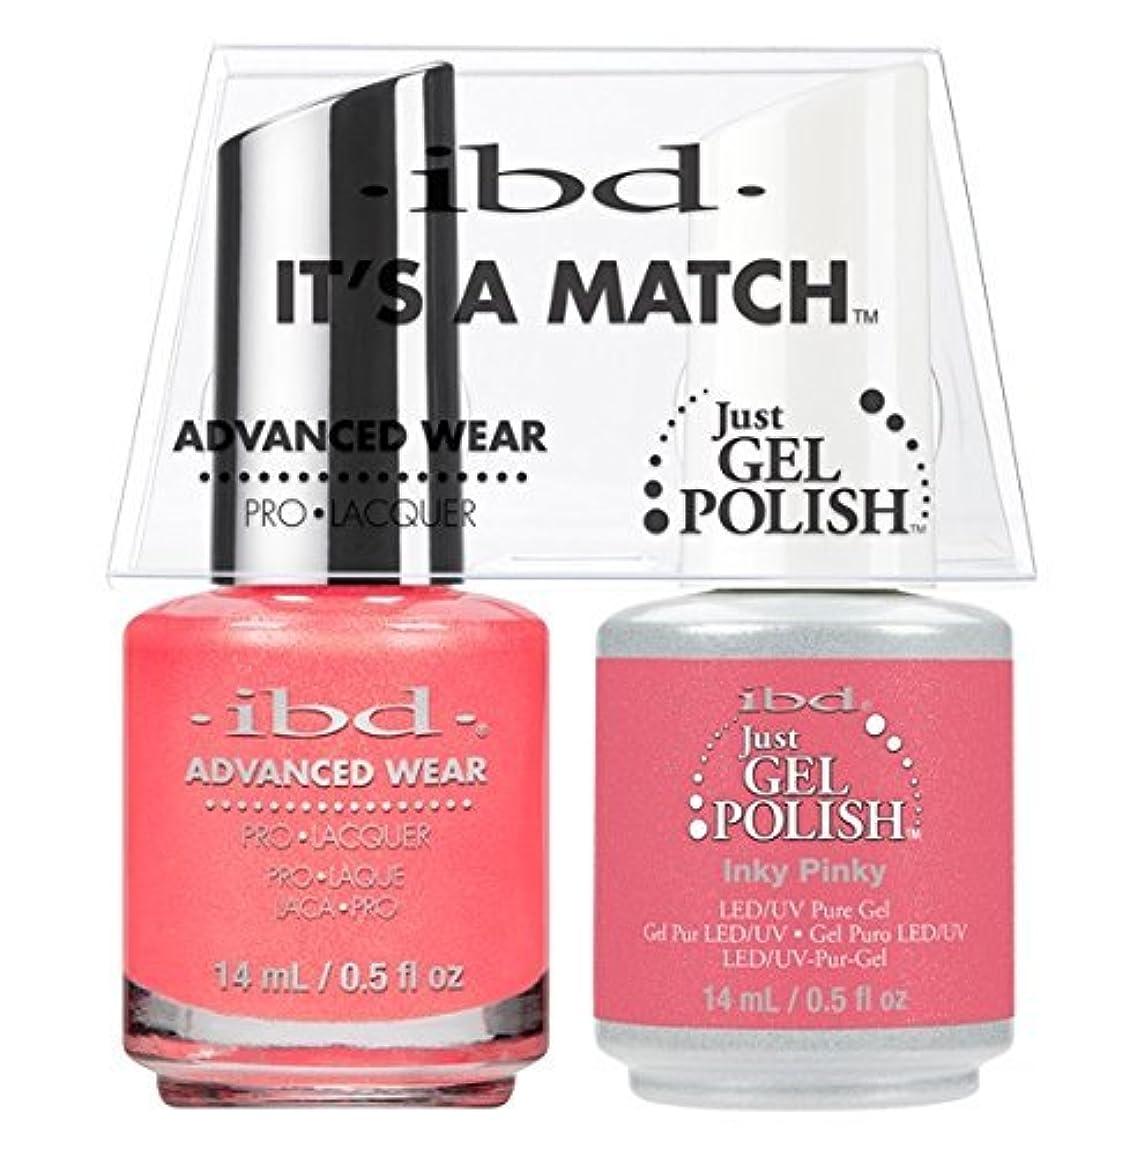 実験をするさておき夜明けibd - It's A Match -Duo Pack- Inky Pinky - 14 mL / 0.5 oz Each